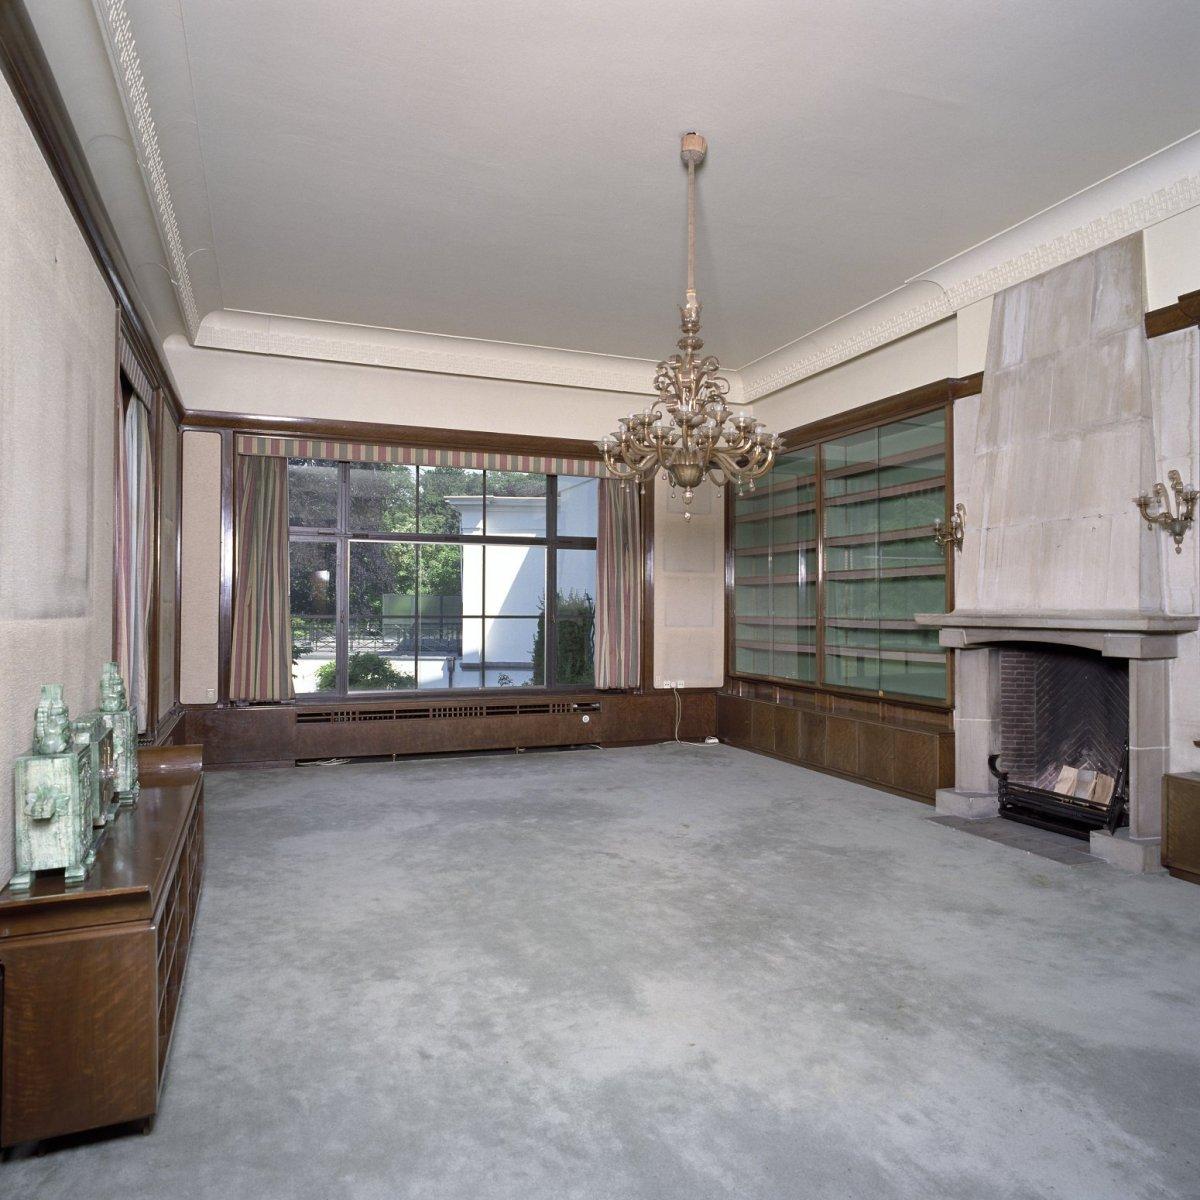 File interieur overzicht van de lege bibliotheek annex woonkamer met schouw en kroonluchter - Interieur woonkamer ...